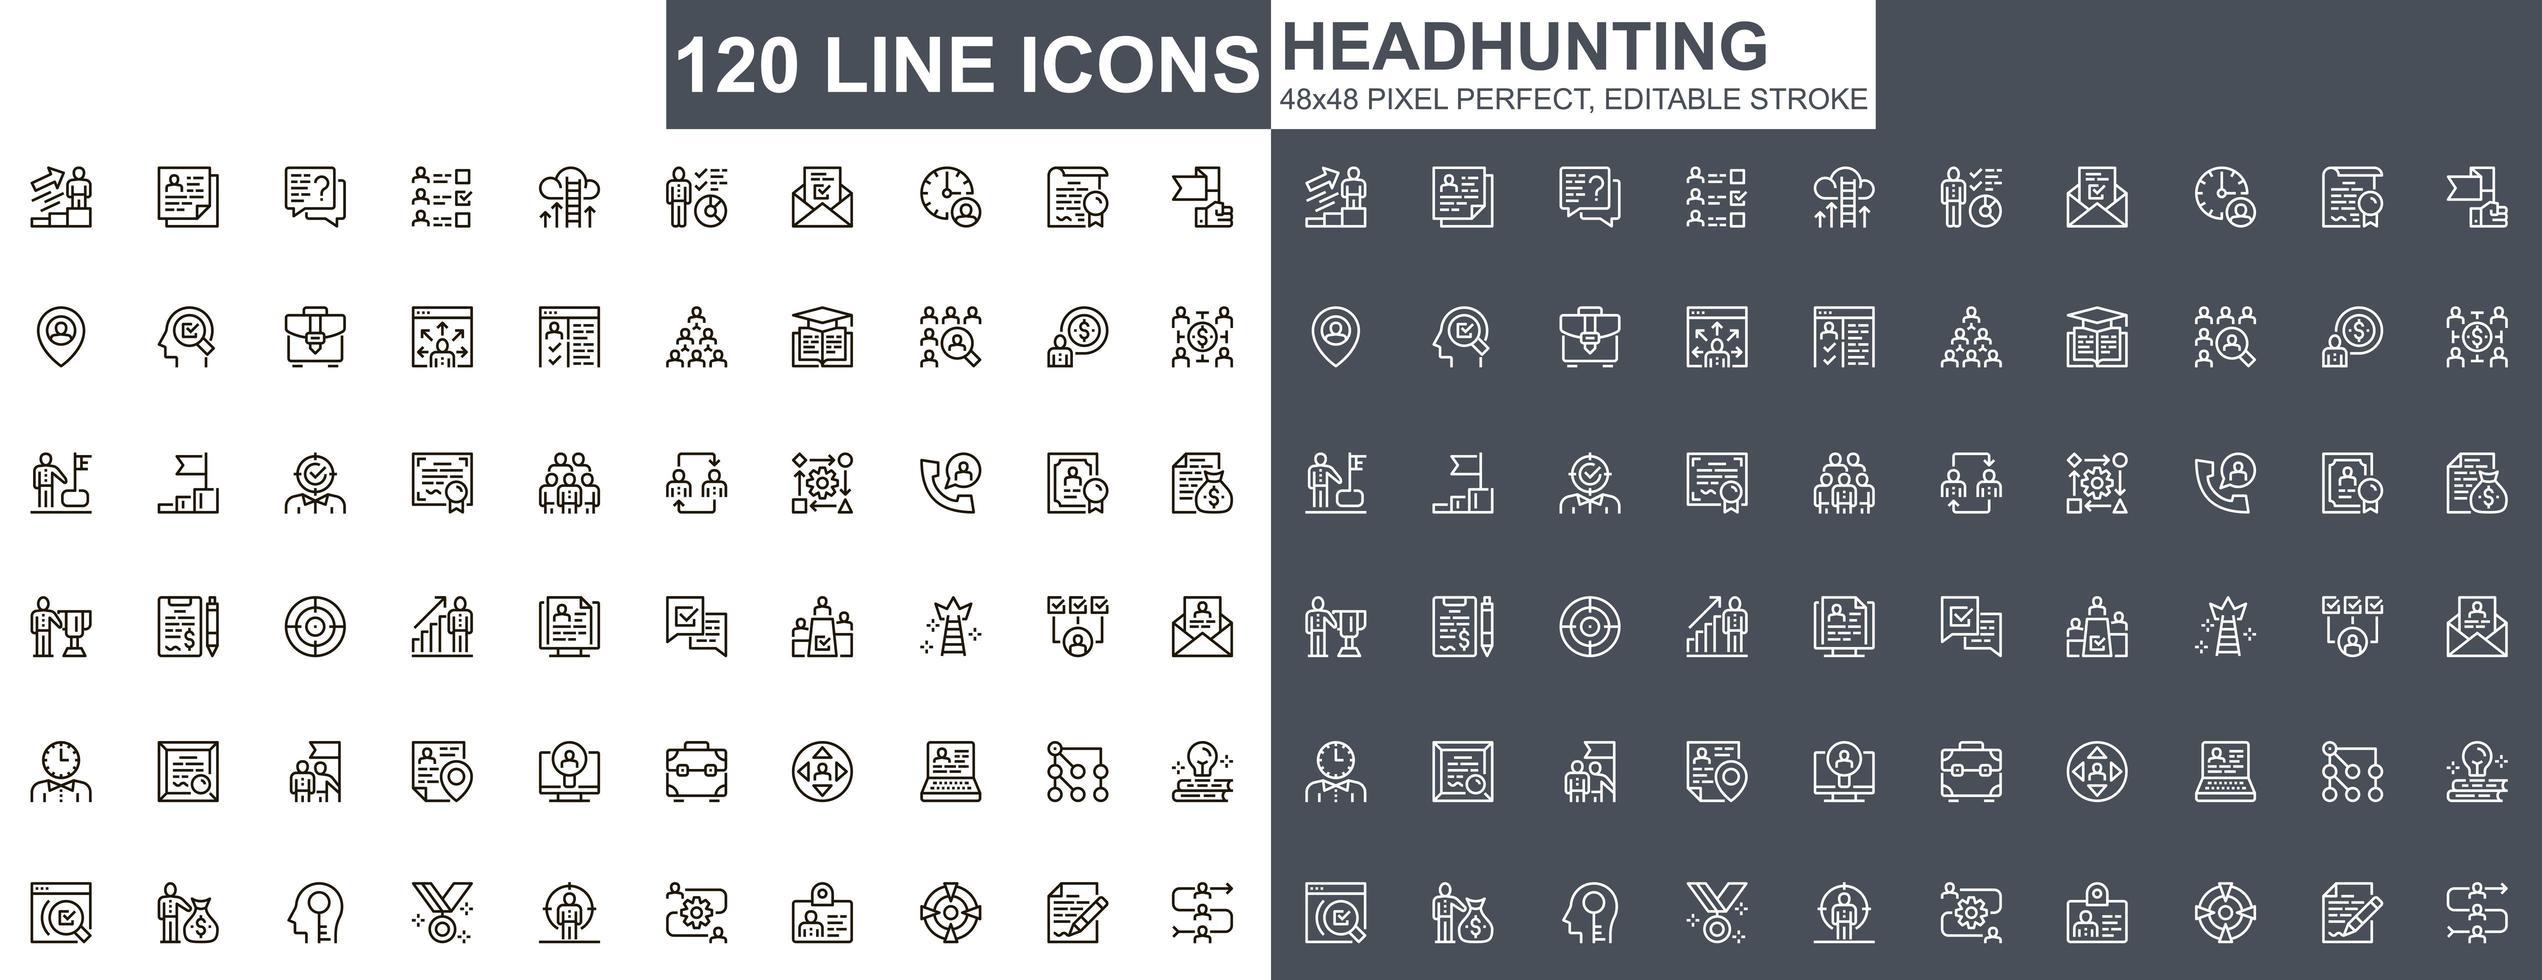 jeu d & # 39; icônes de fine ligne de chasse de tête vecteur